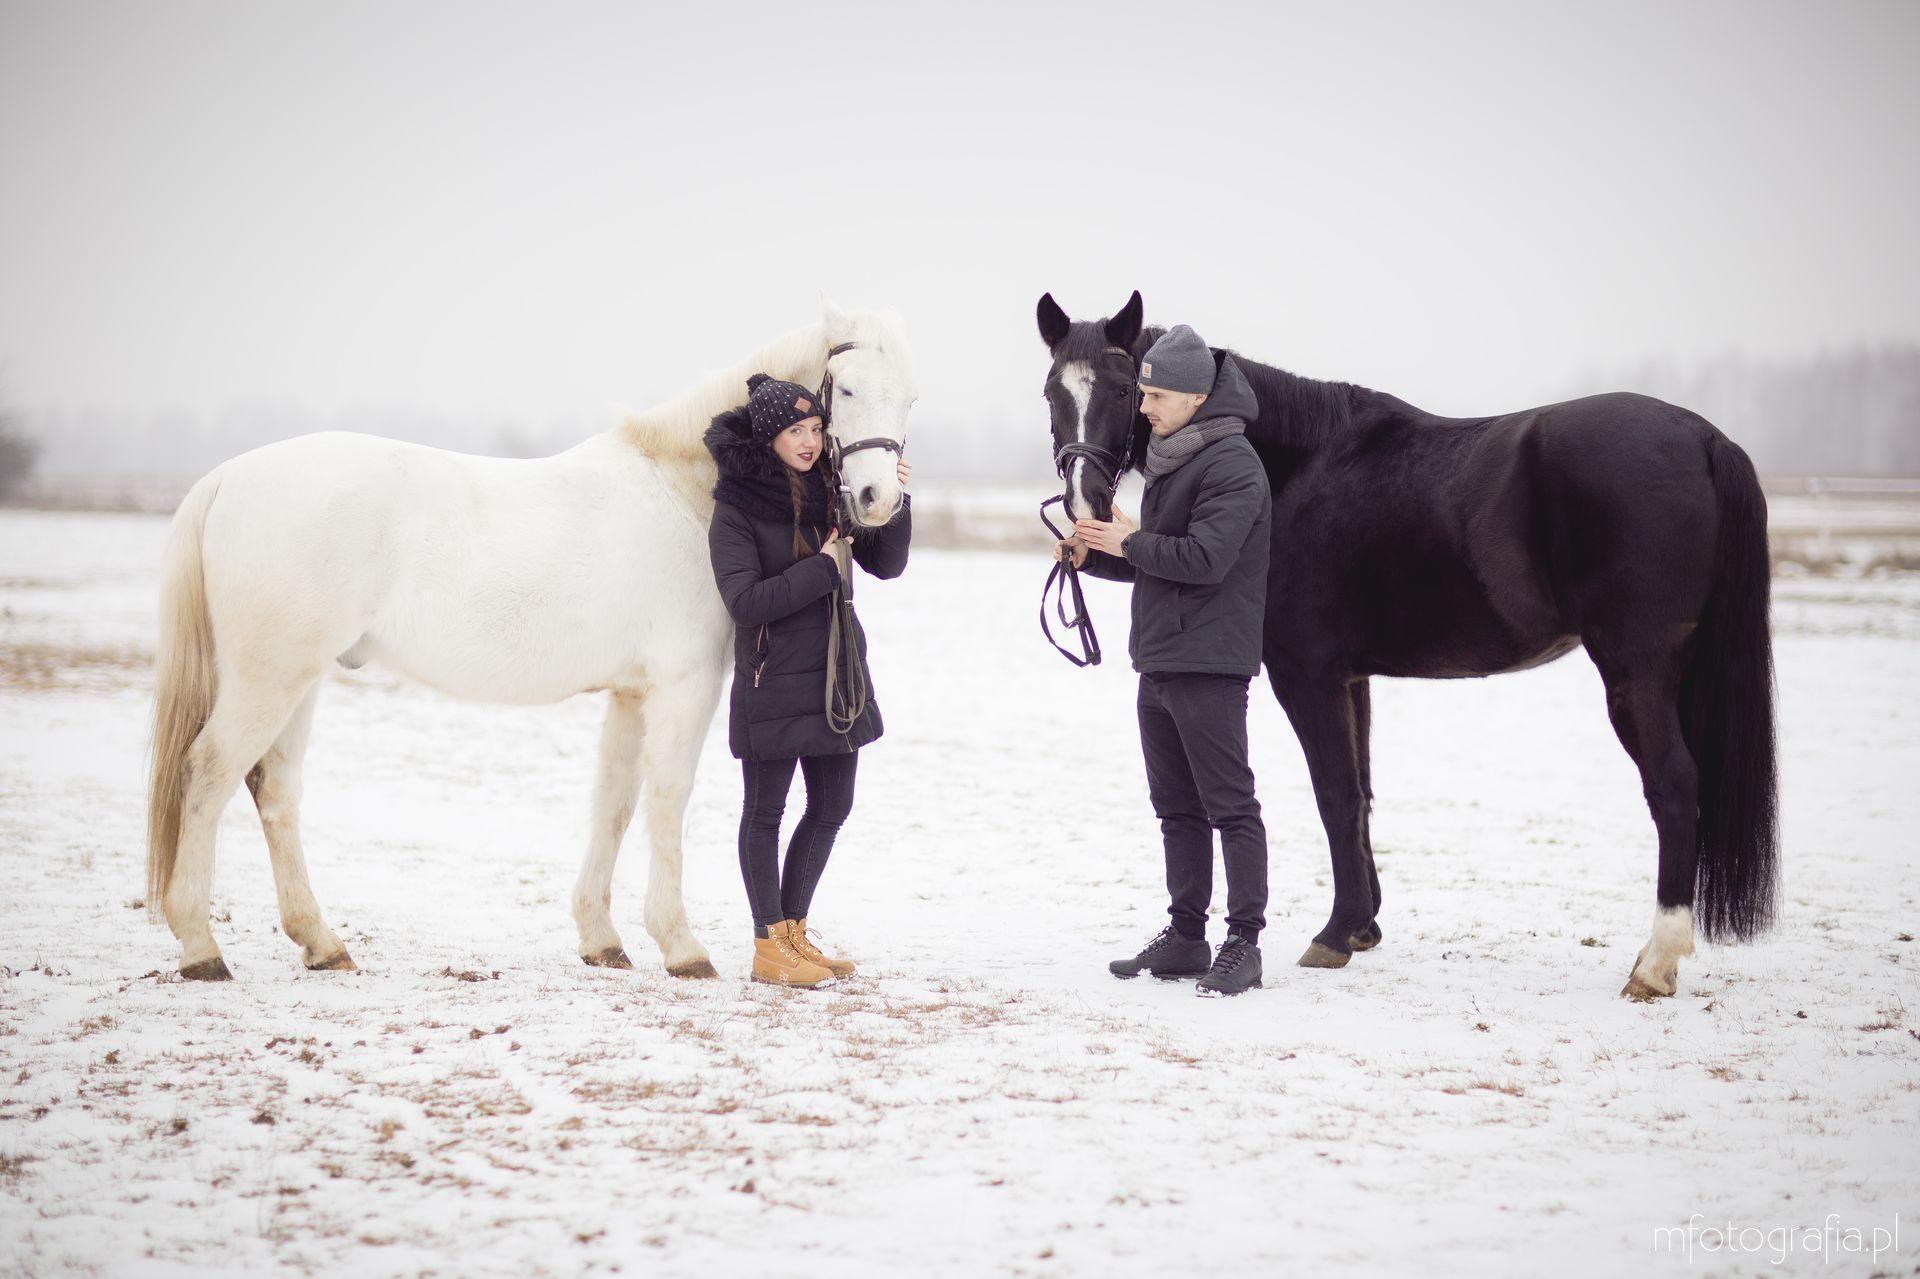 zimowe zdjęcia pary zimą z końmi